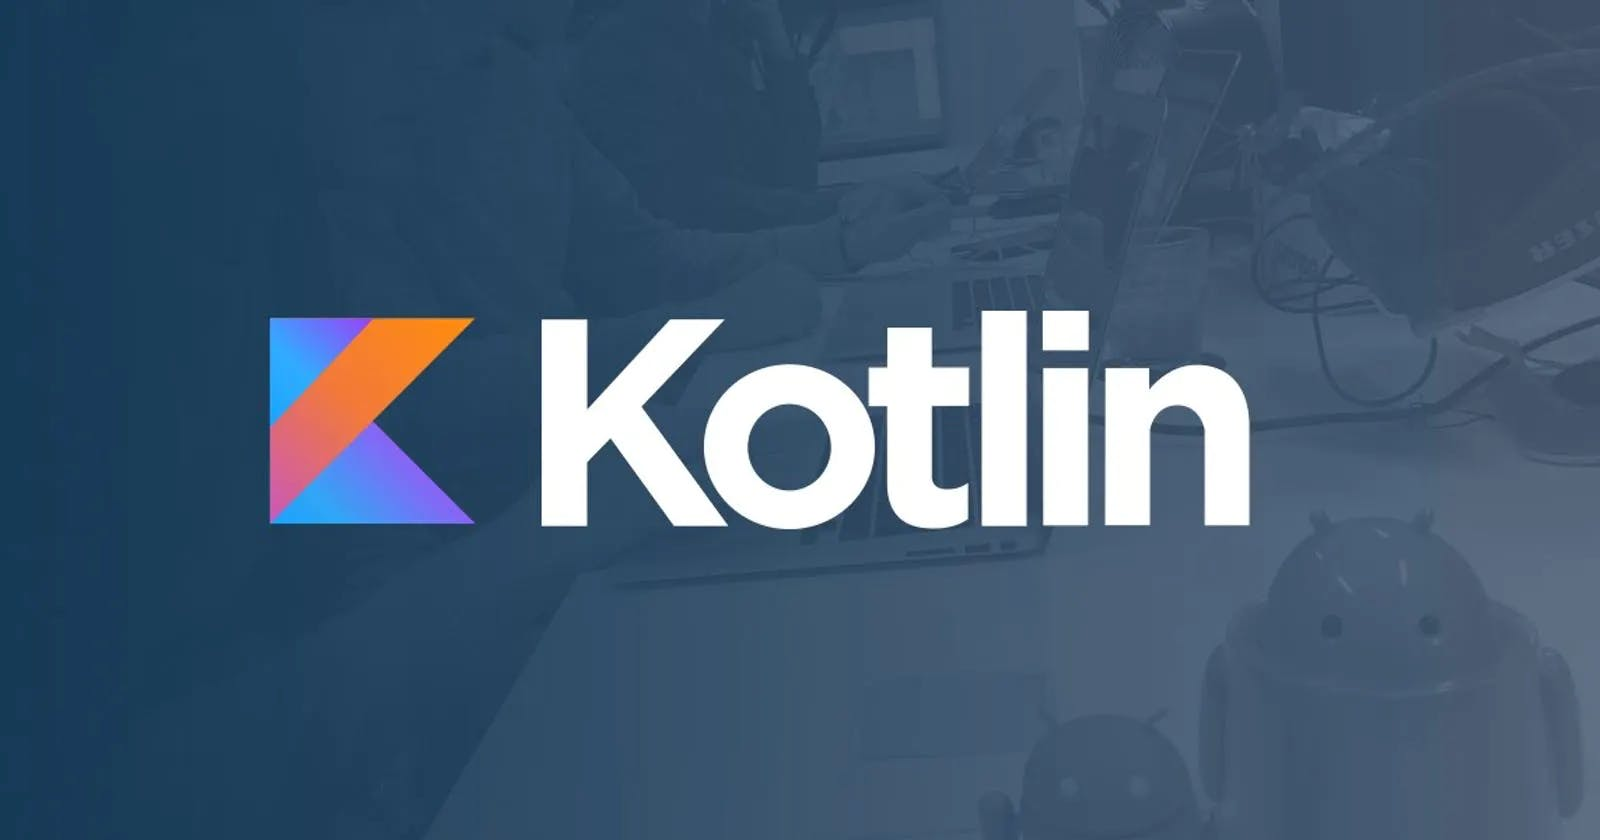 Kotlin basics - Constructors